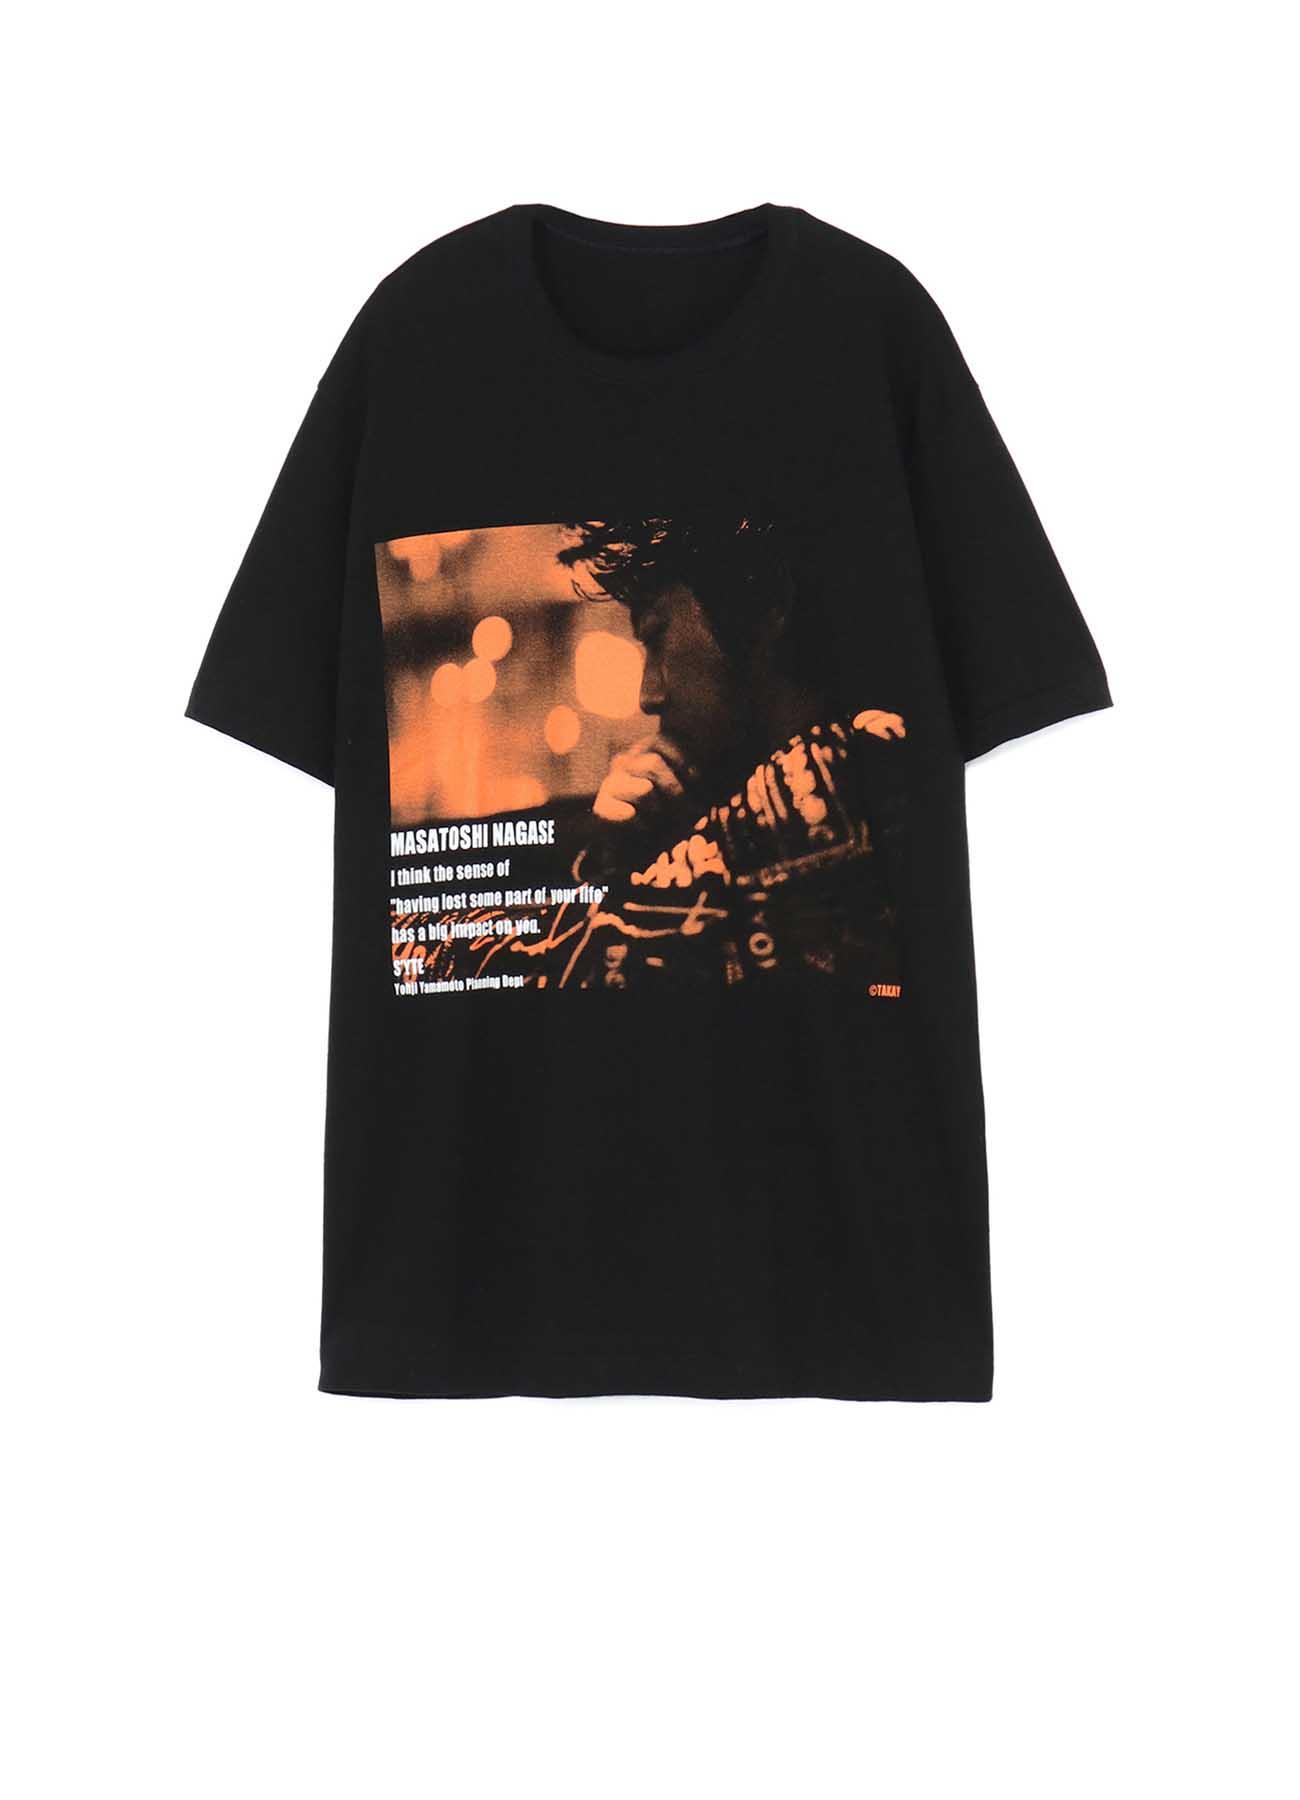 S'YTE × Fluence Collaboration T-shirt <MASATOSHI NAGASE>